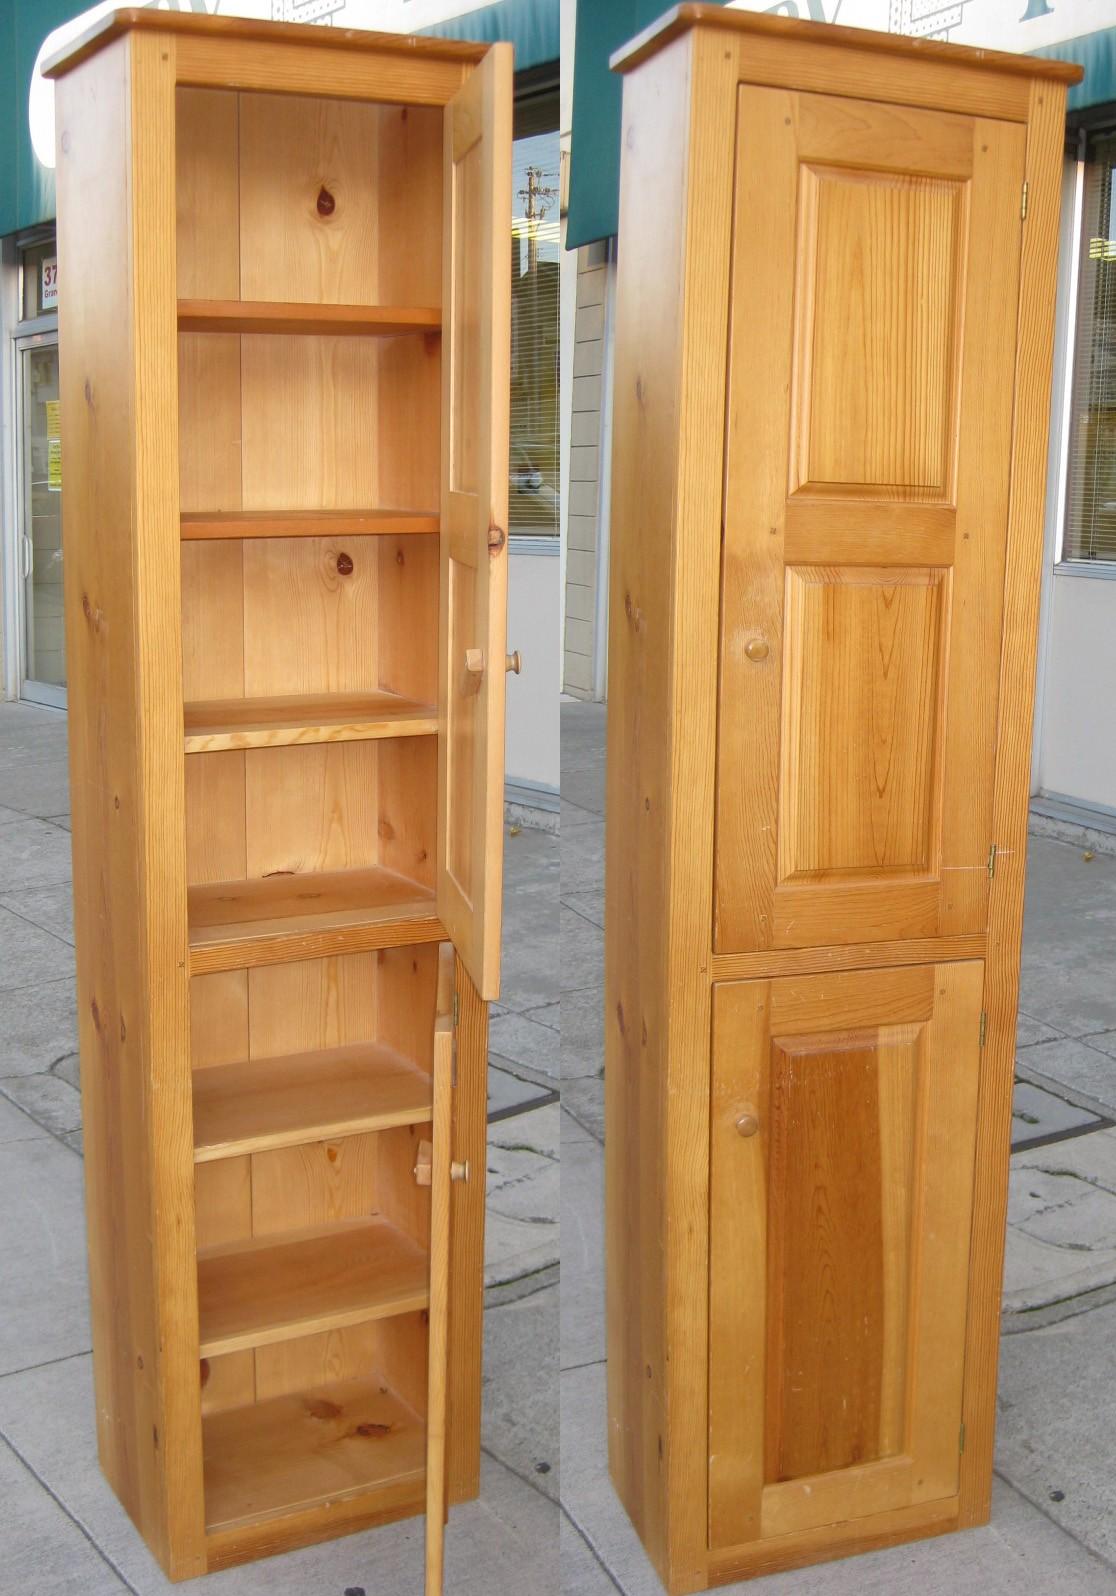 Charmant Pine Cabinets 3